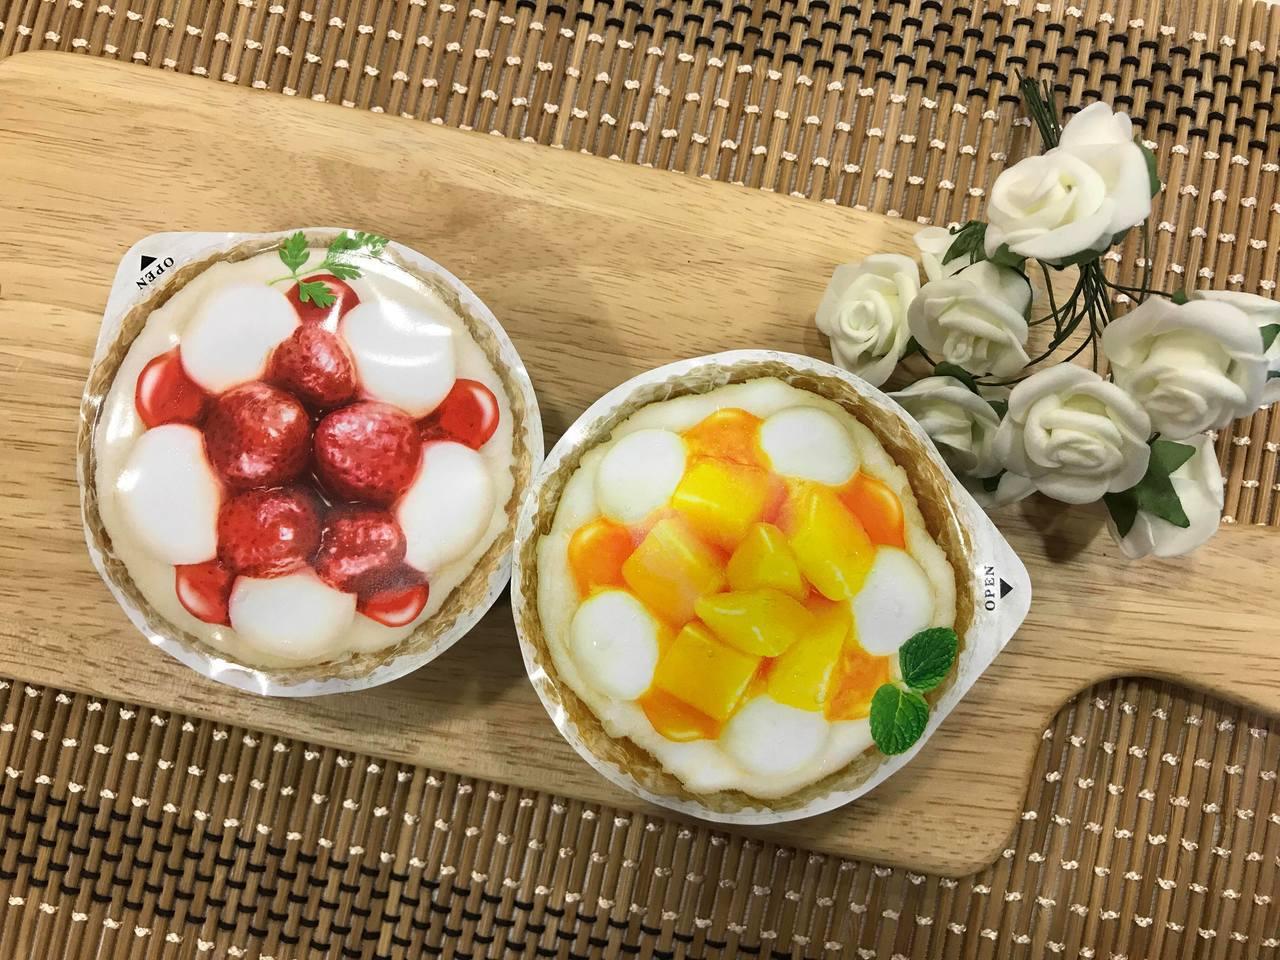 全家便利商店引進「井村屋」草莓麻糬冰淇淋、完熟芒果麻糬冰淇淋。記者陳立儀/攝影